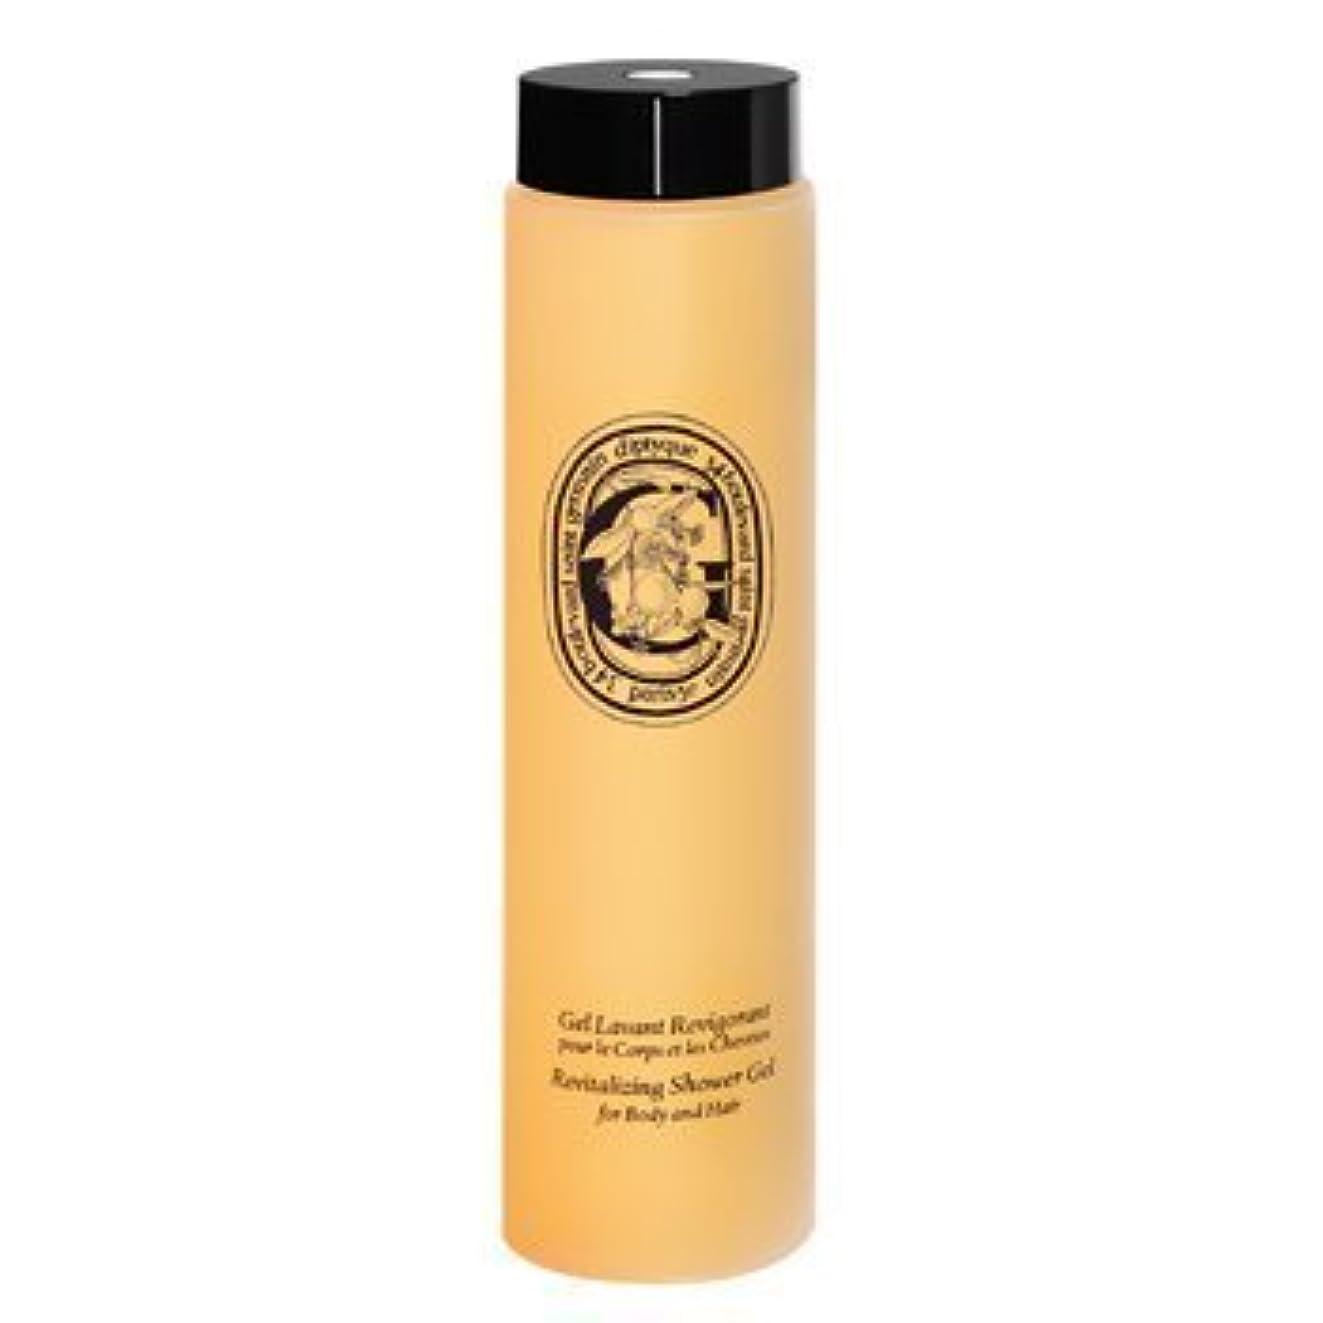 印をつける責め花婿Diptyque The Art of Body Care Revitalizing Shower Gel Hair & Body-6.8 oz by Diptyque [並行輸入品]